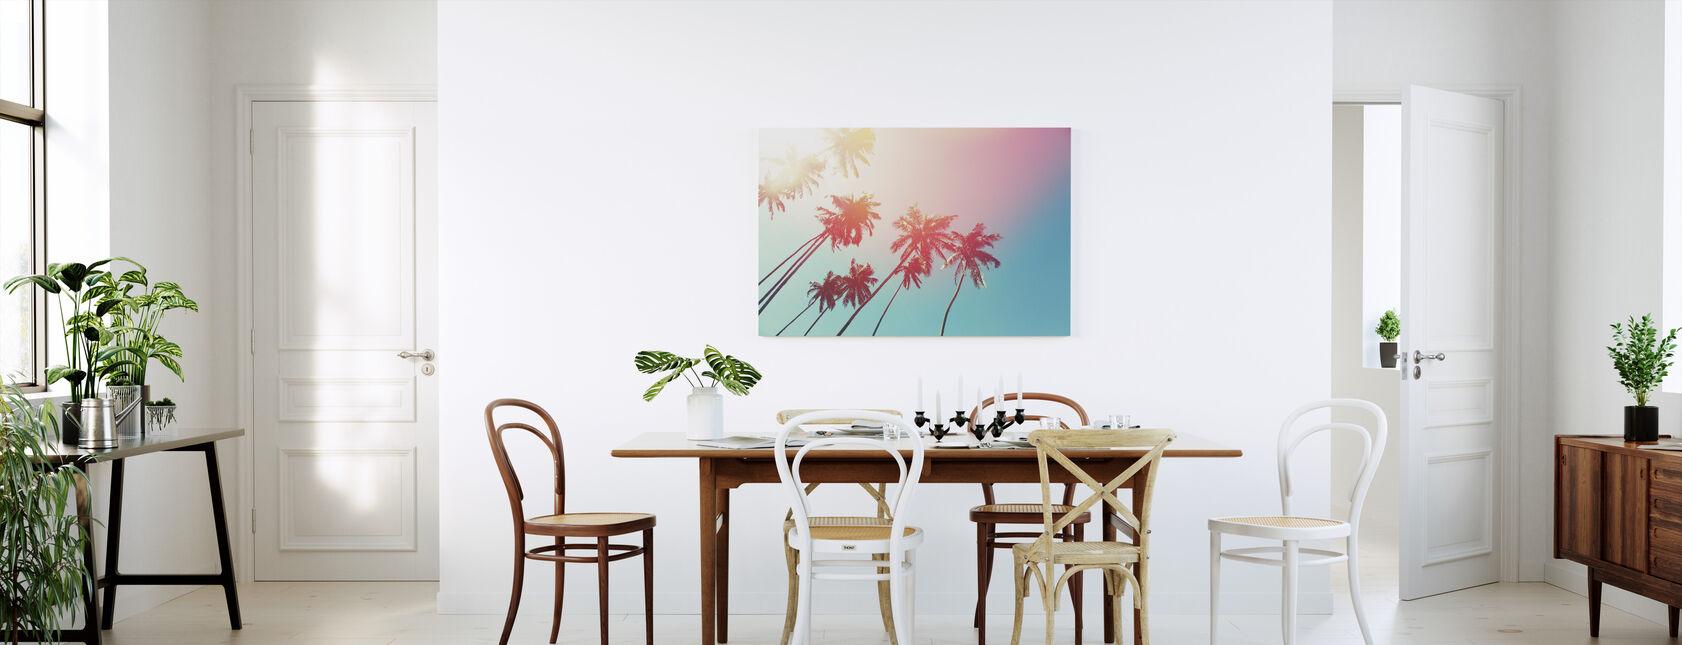 Kookospuut - Canvastaulu - Keittiö